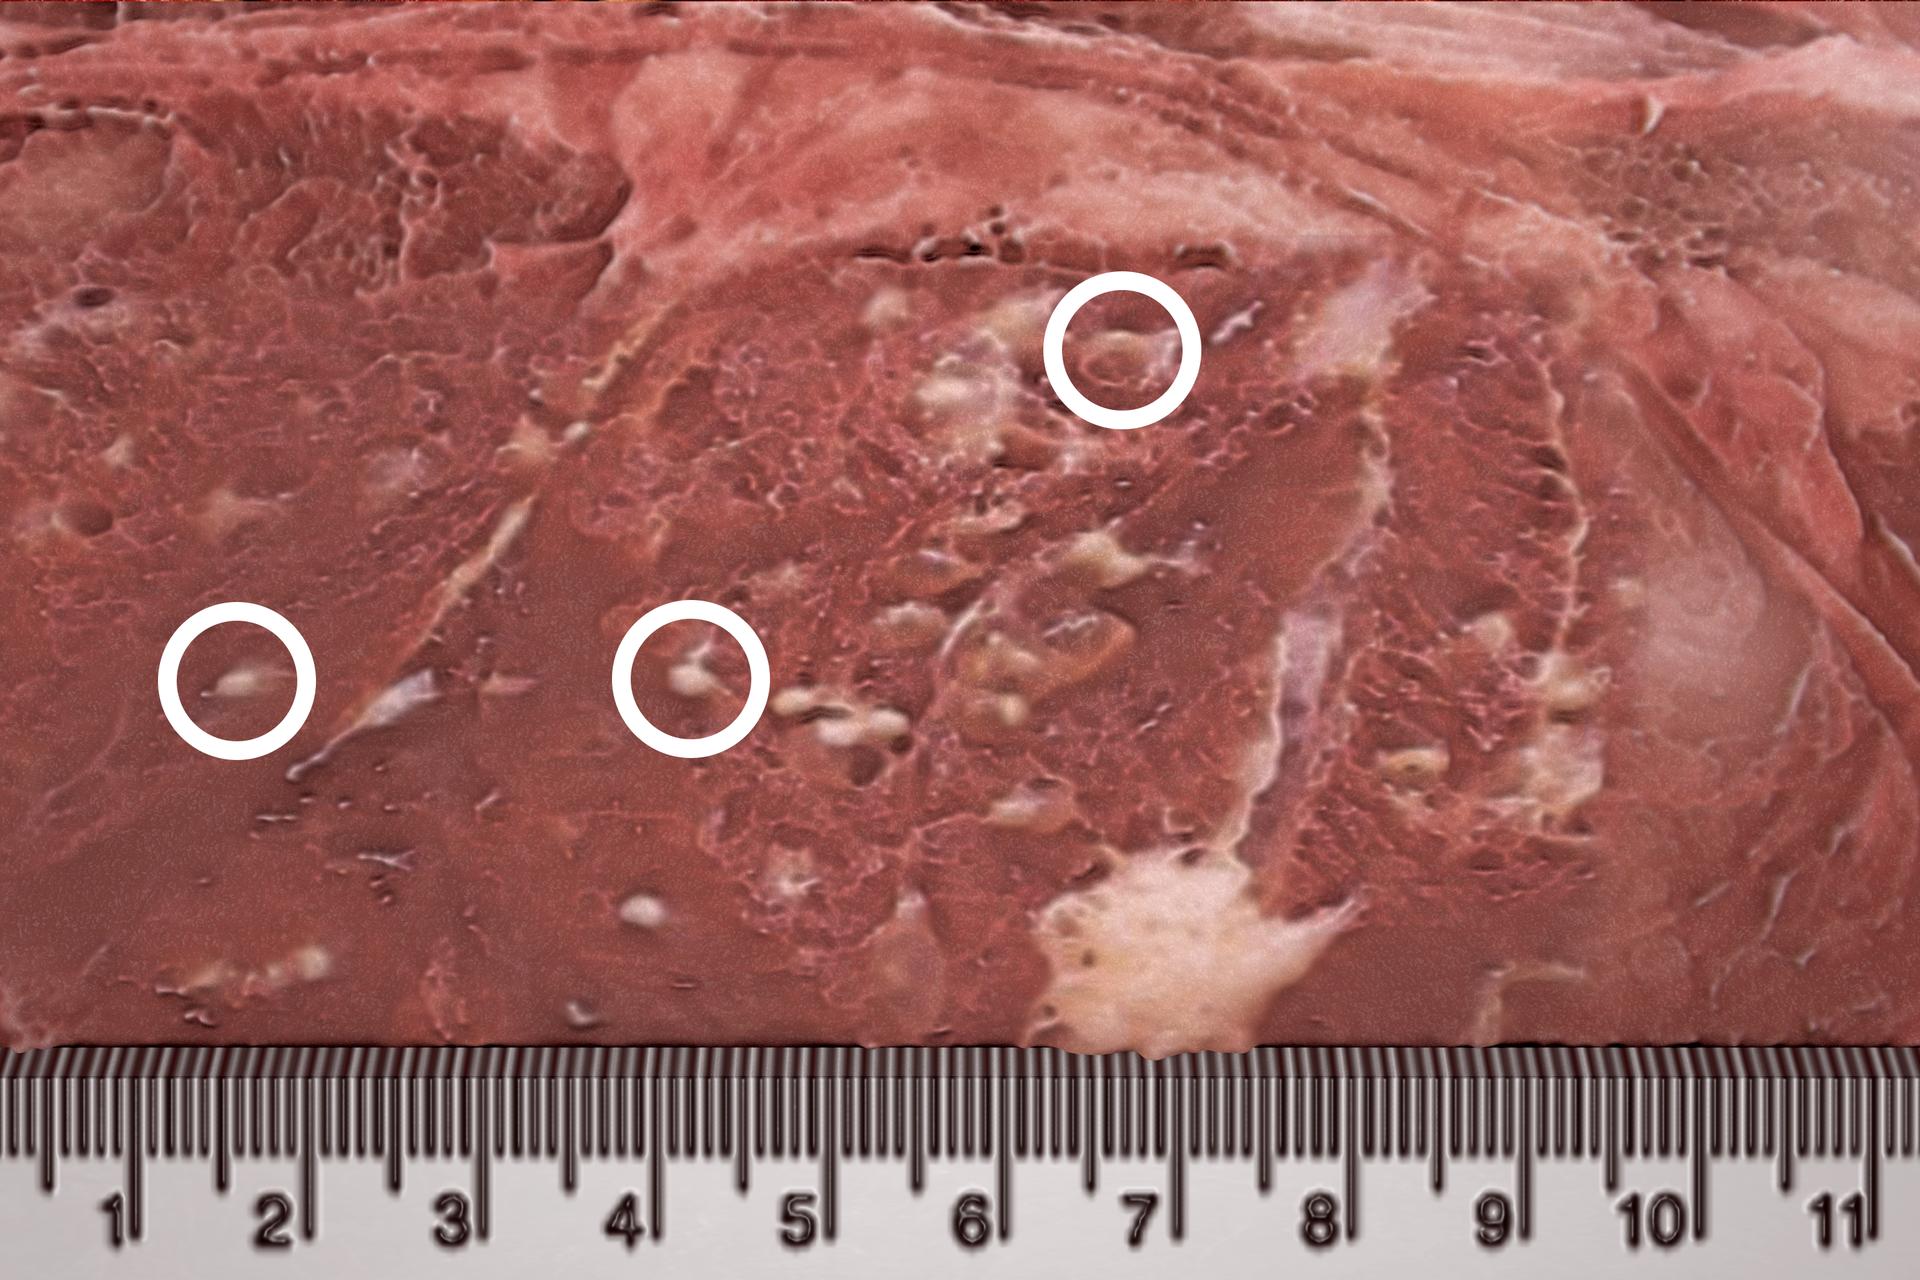 Fotografia mikroskopowa przedstawia brunatny fragment mięśnia świni. Na nim białymi kółkami zaznaczono umiejscowienie trzech larw tasiemca uzbrojonego. Udołu podziałka centymetrowa wskazuje wielkość wągrów.